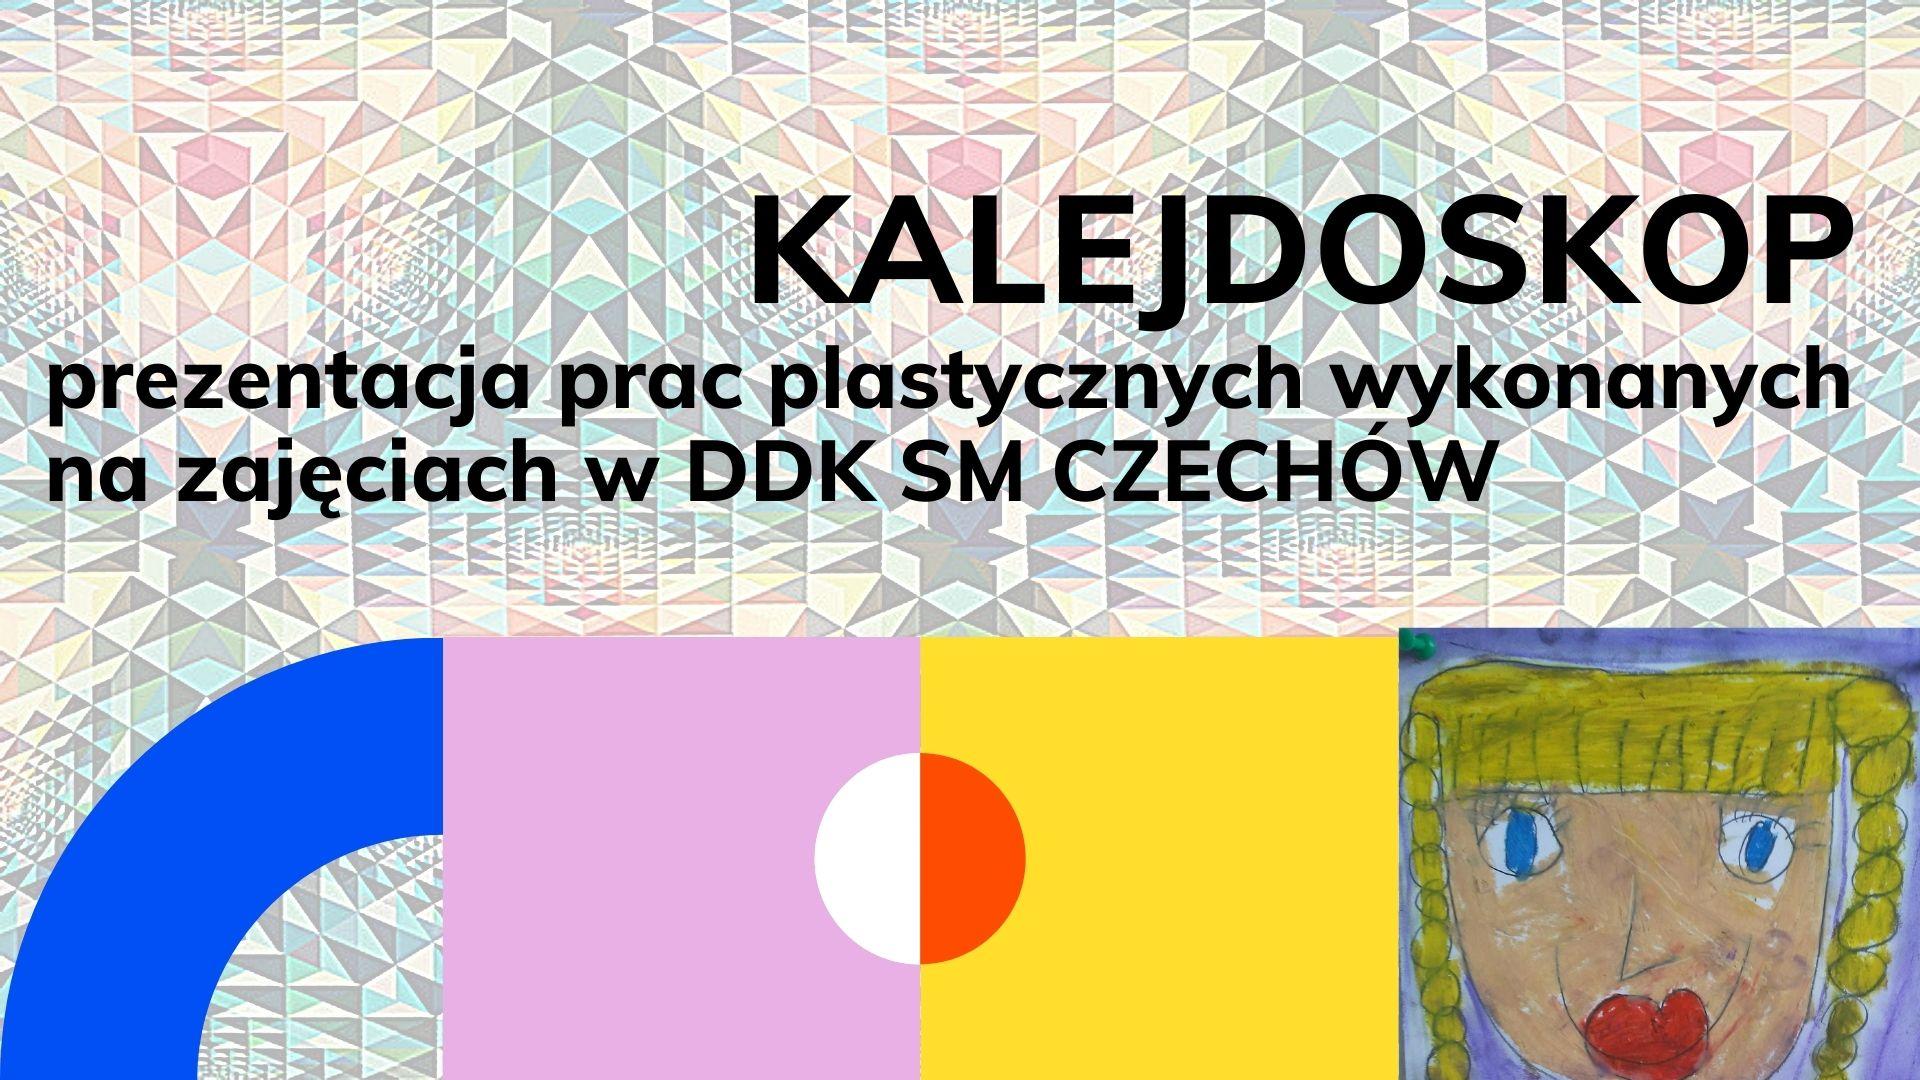 KALEJDOSKOP – prezentacja prac plastycznych